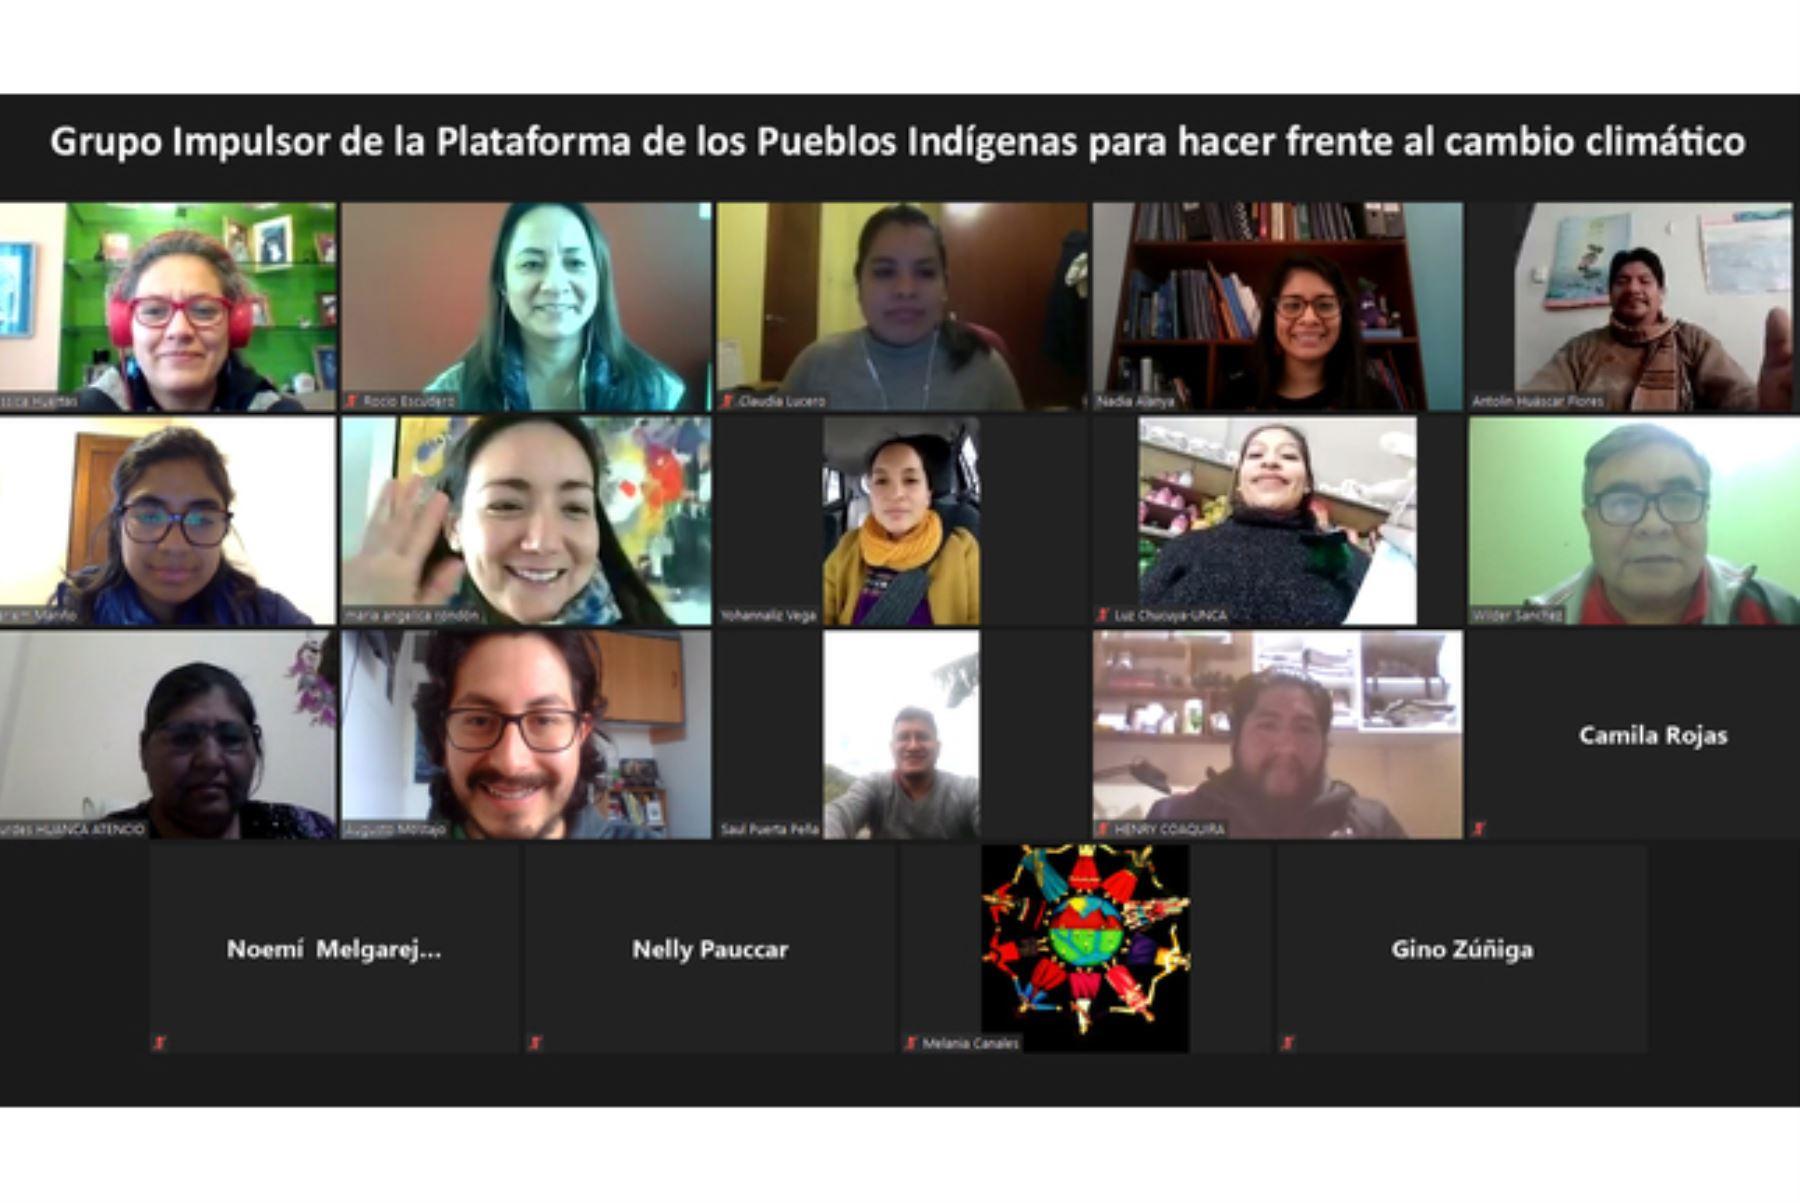 El grupo impulsor de la plataforma de los pueblos indígenas frente al cambio climático sostendrá reunión virtual el 6 de agosto. Foto: ANDINA/Difusión